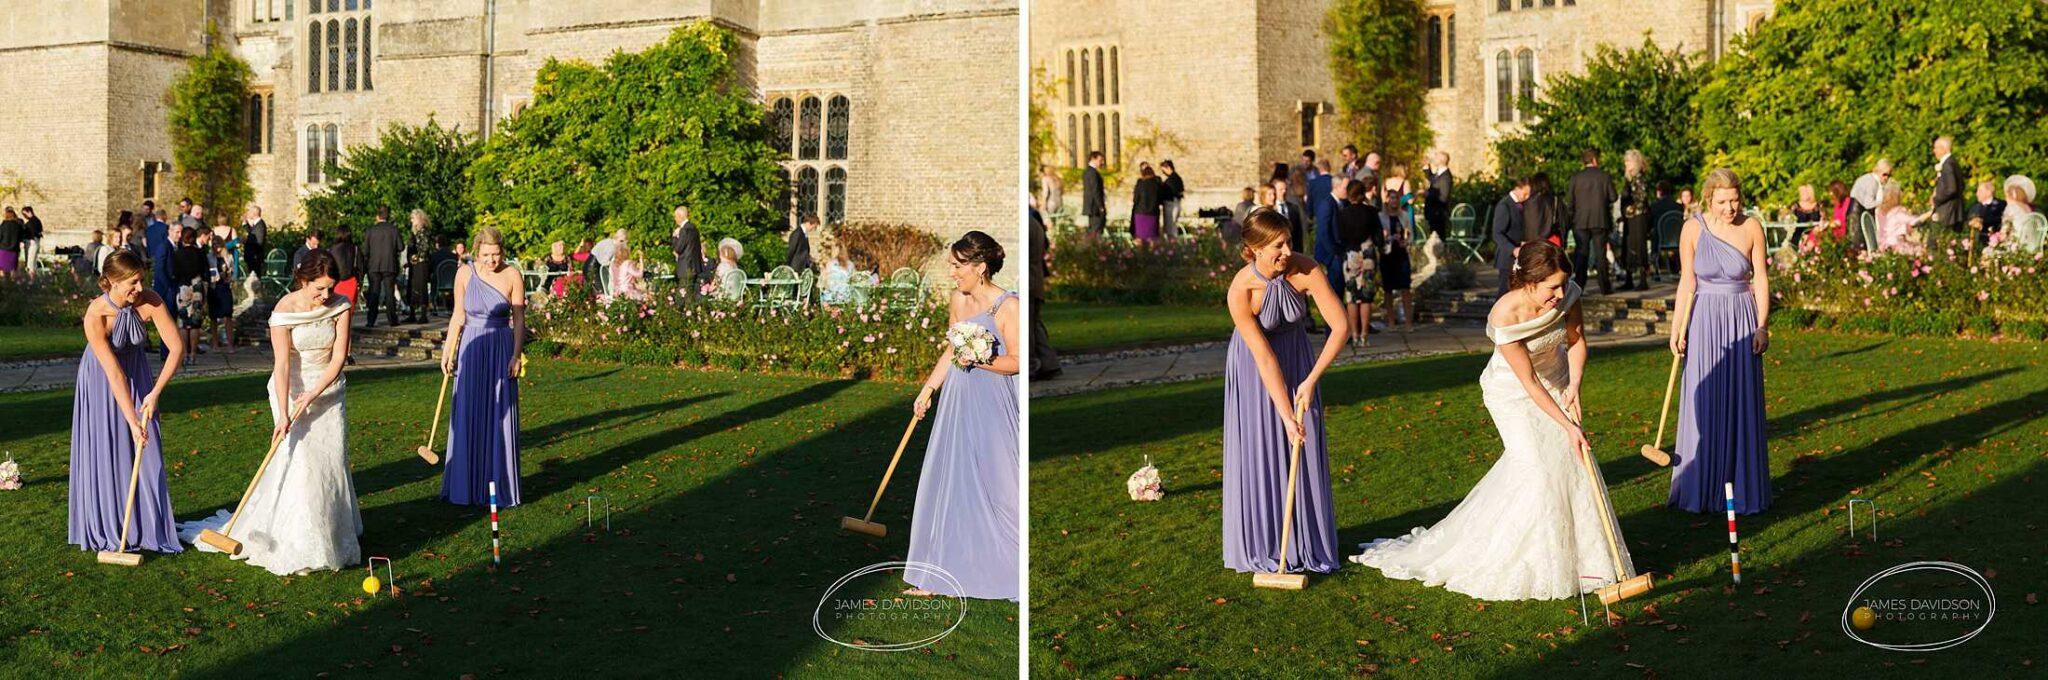 hengrave-autumn-wedding-072